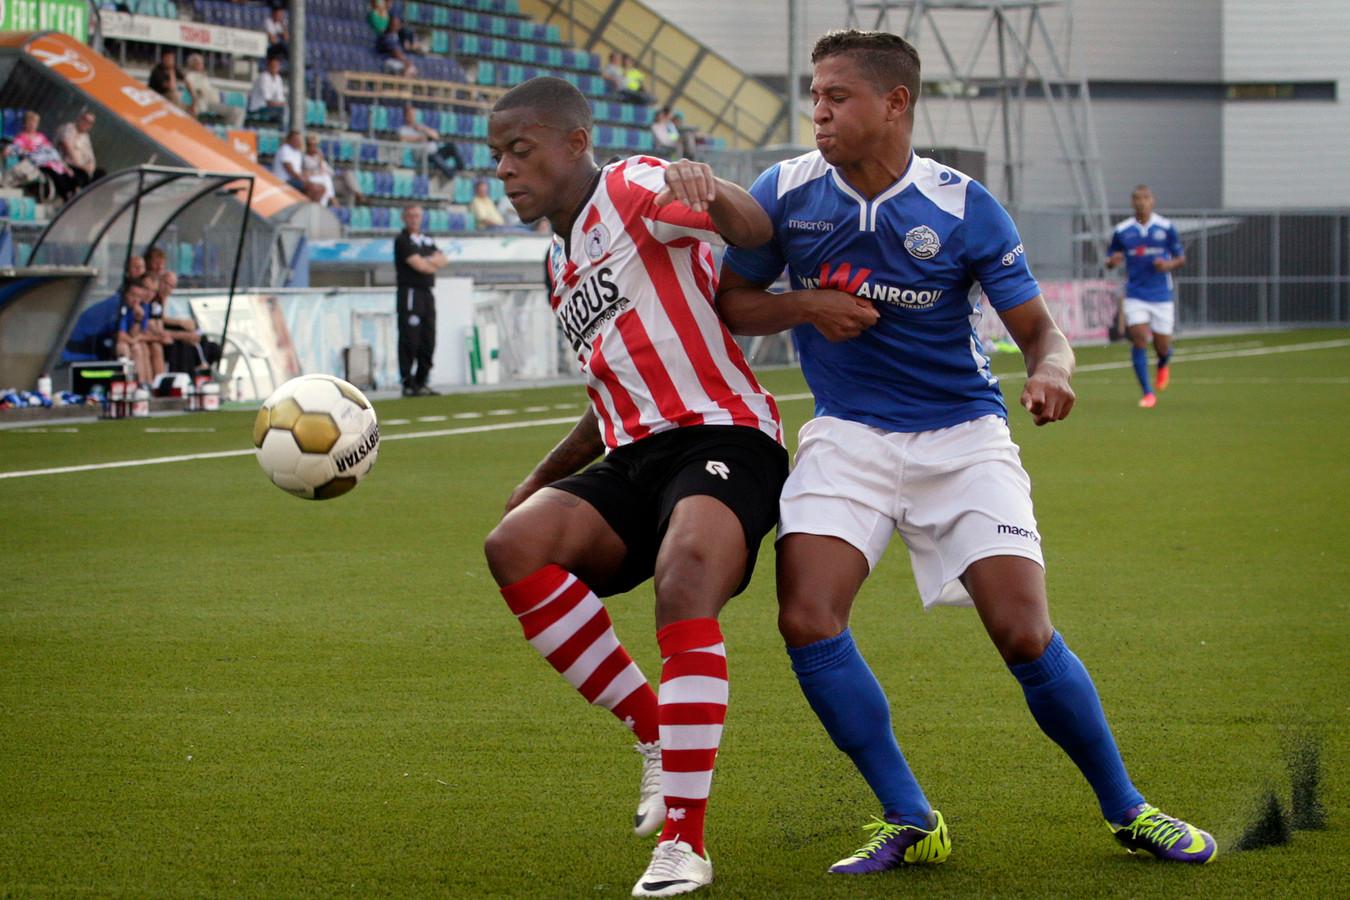 Archiefbeeld: Ayrton Statie (rechts) duelleert als voetballer van FC Den Bosch met Giovanni Hiwat van Sparta.